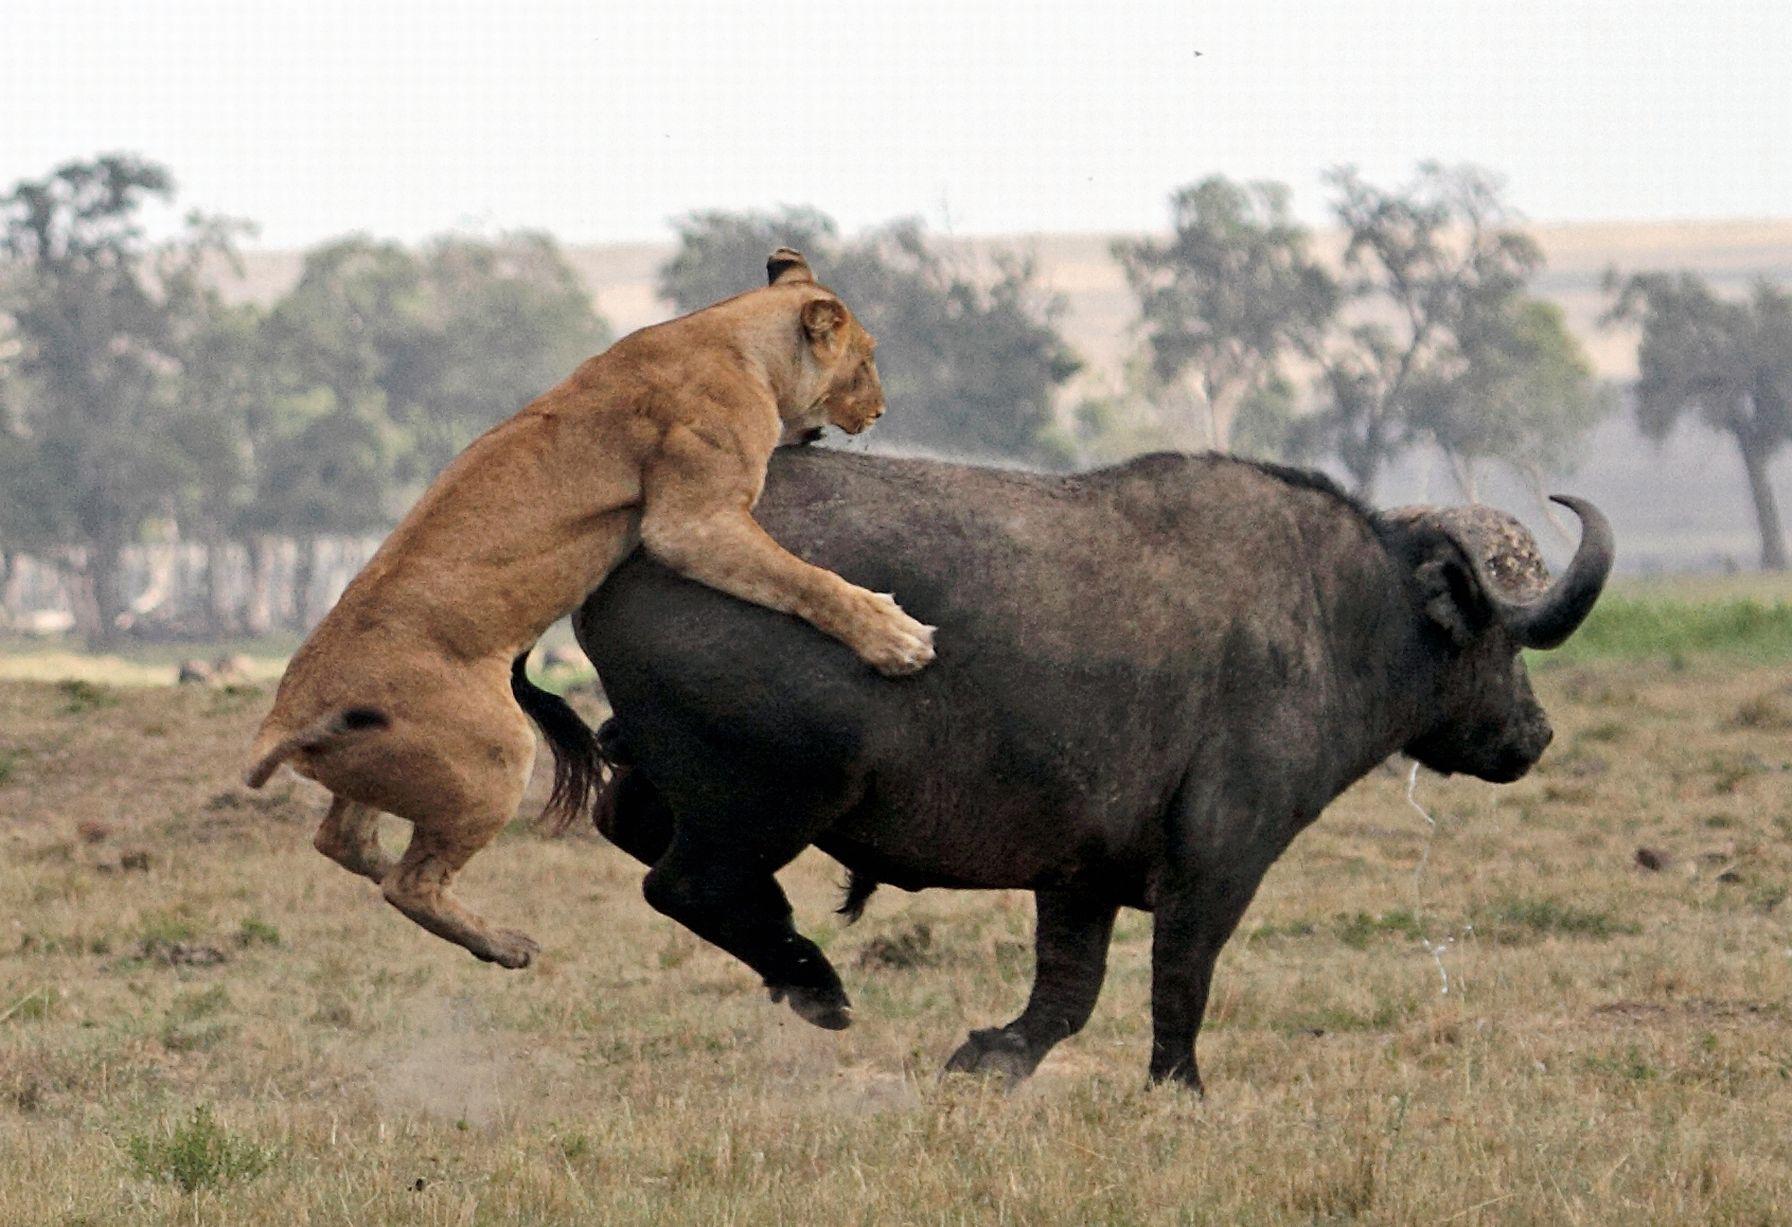 【环球网综合报道】据英国《镜报》1月6日报道,近日,肯尼亚马赛马拉保护区发生逆转一幕:一只水牛遭成群狮围捕,不过它凭借精准一踢,成功逃脱。   据悉,非洲水牛喜欢栖息在高长蓬乱的草堆里,对人攻击性很强。但和狮子较量,一般情况下,它们注定会成为狮子的盘中餐。   不过,这次显然是个意外。看来,草原百兽之王猎食时也不可轻敌啊。(实习编译:庞飘飘 审稿:朱盈库) 免责声明版权作品,未经环球网Huanqiu.